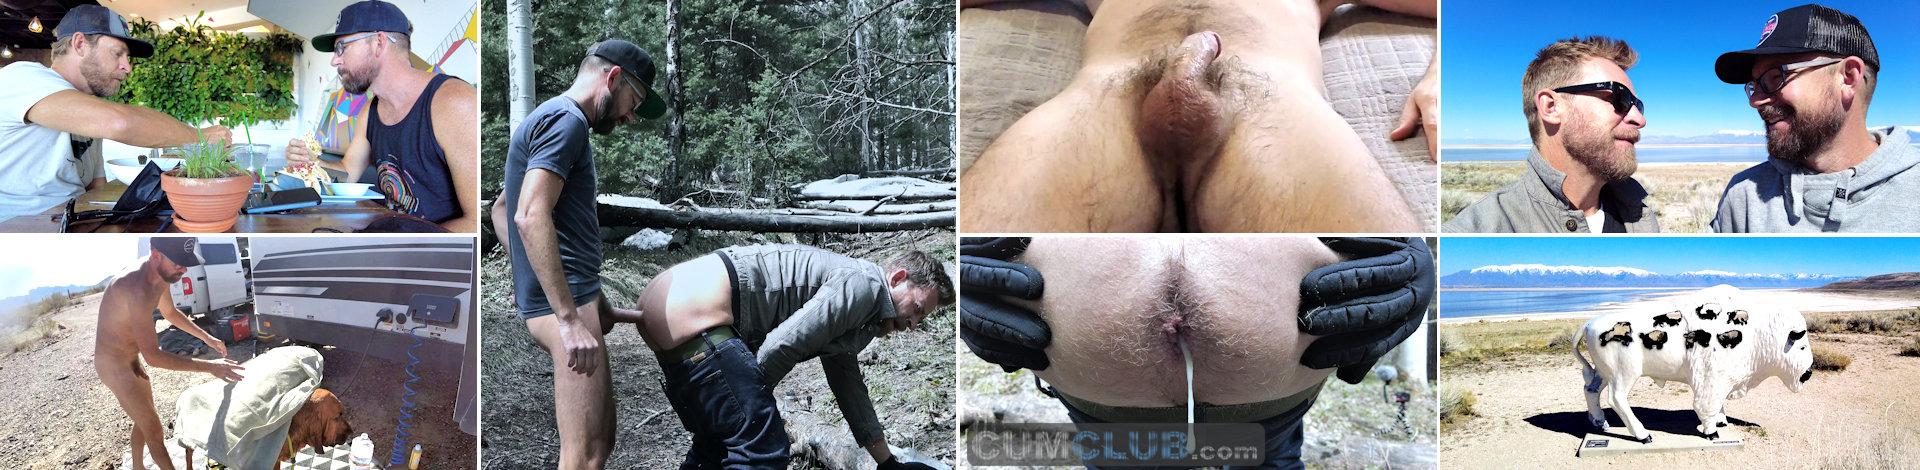 FullFrontal.Life | Nude Dog Wash | Great Salt Lake | Cum Eating | Mountain Breeding (ep 9)